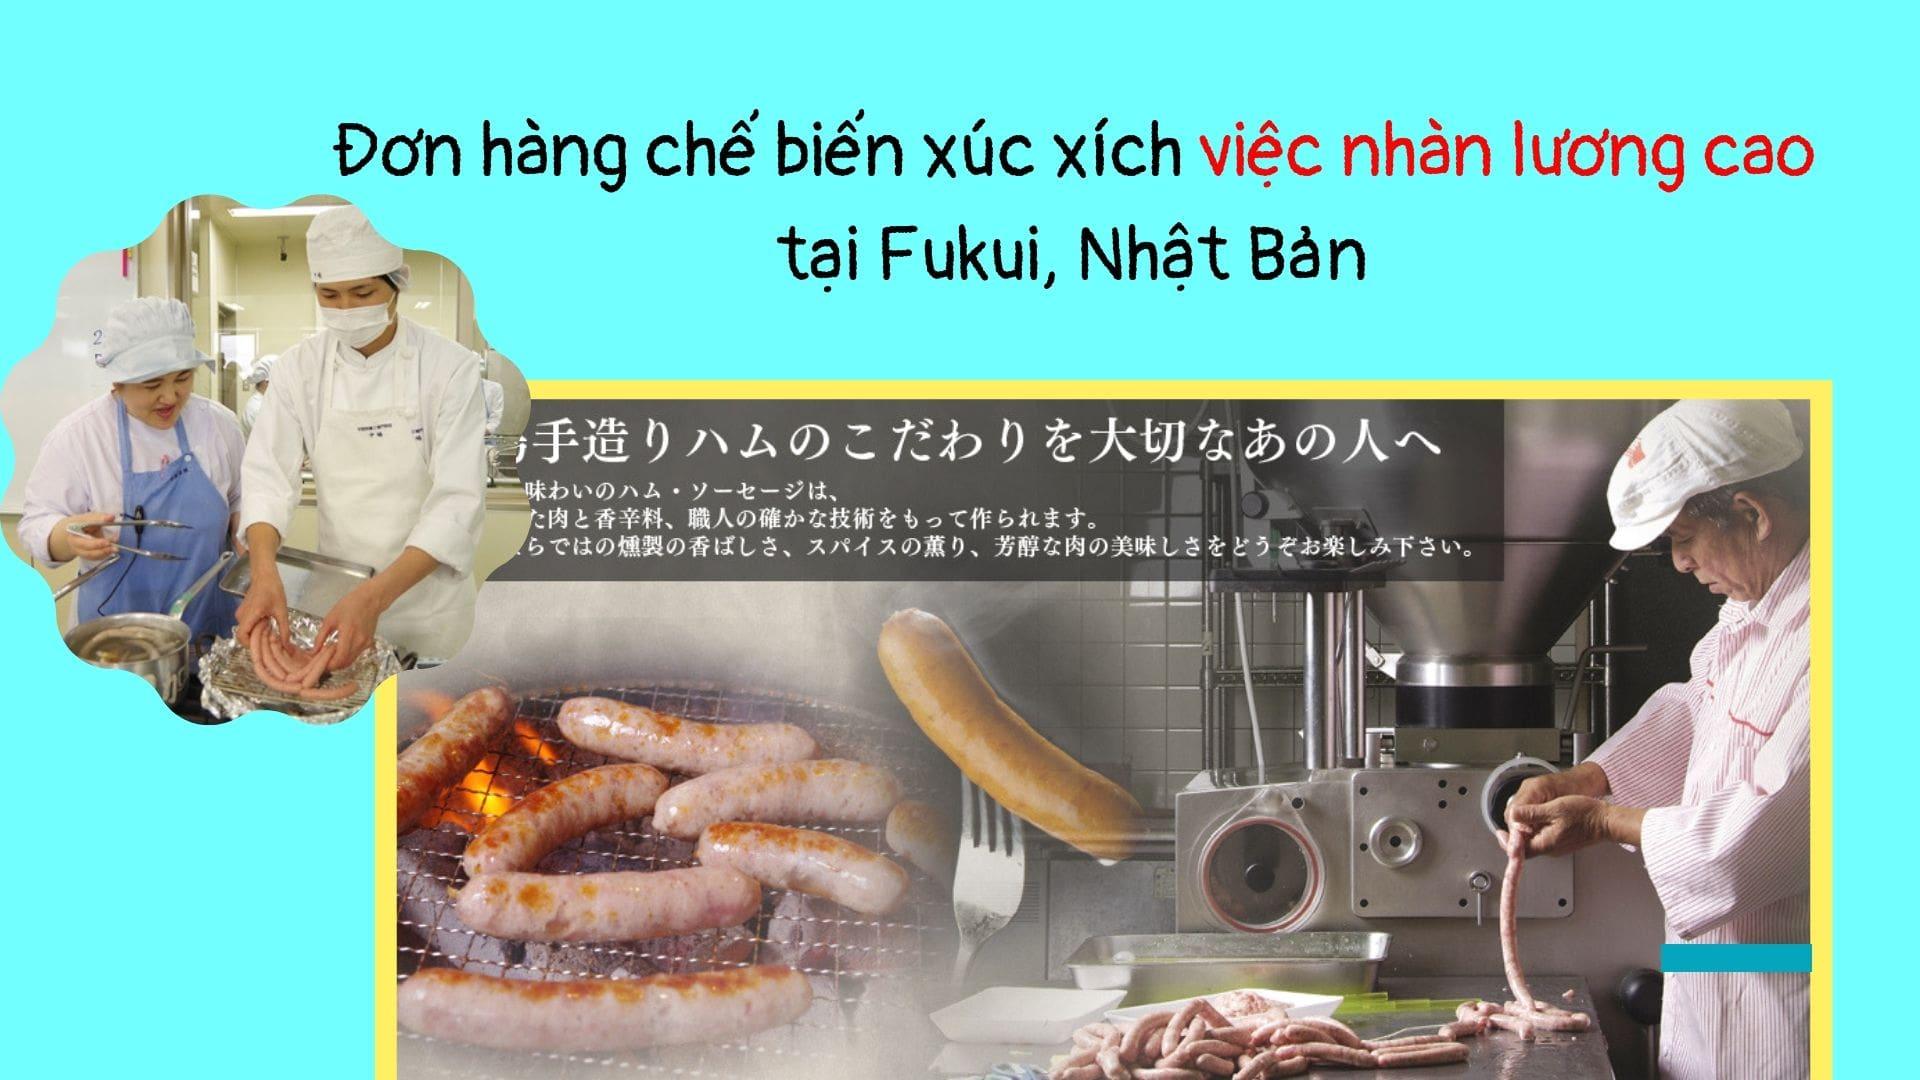 Đơn hàng chế biến xúc xích việc nhàn lương cao tại Fukui, Nhật Bản